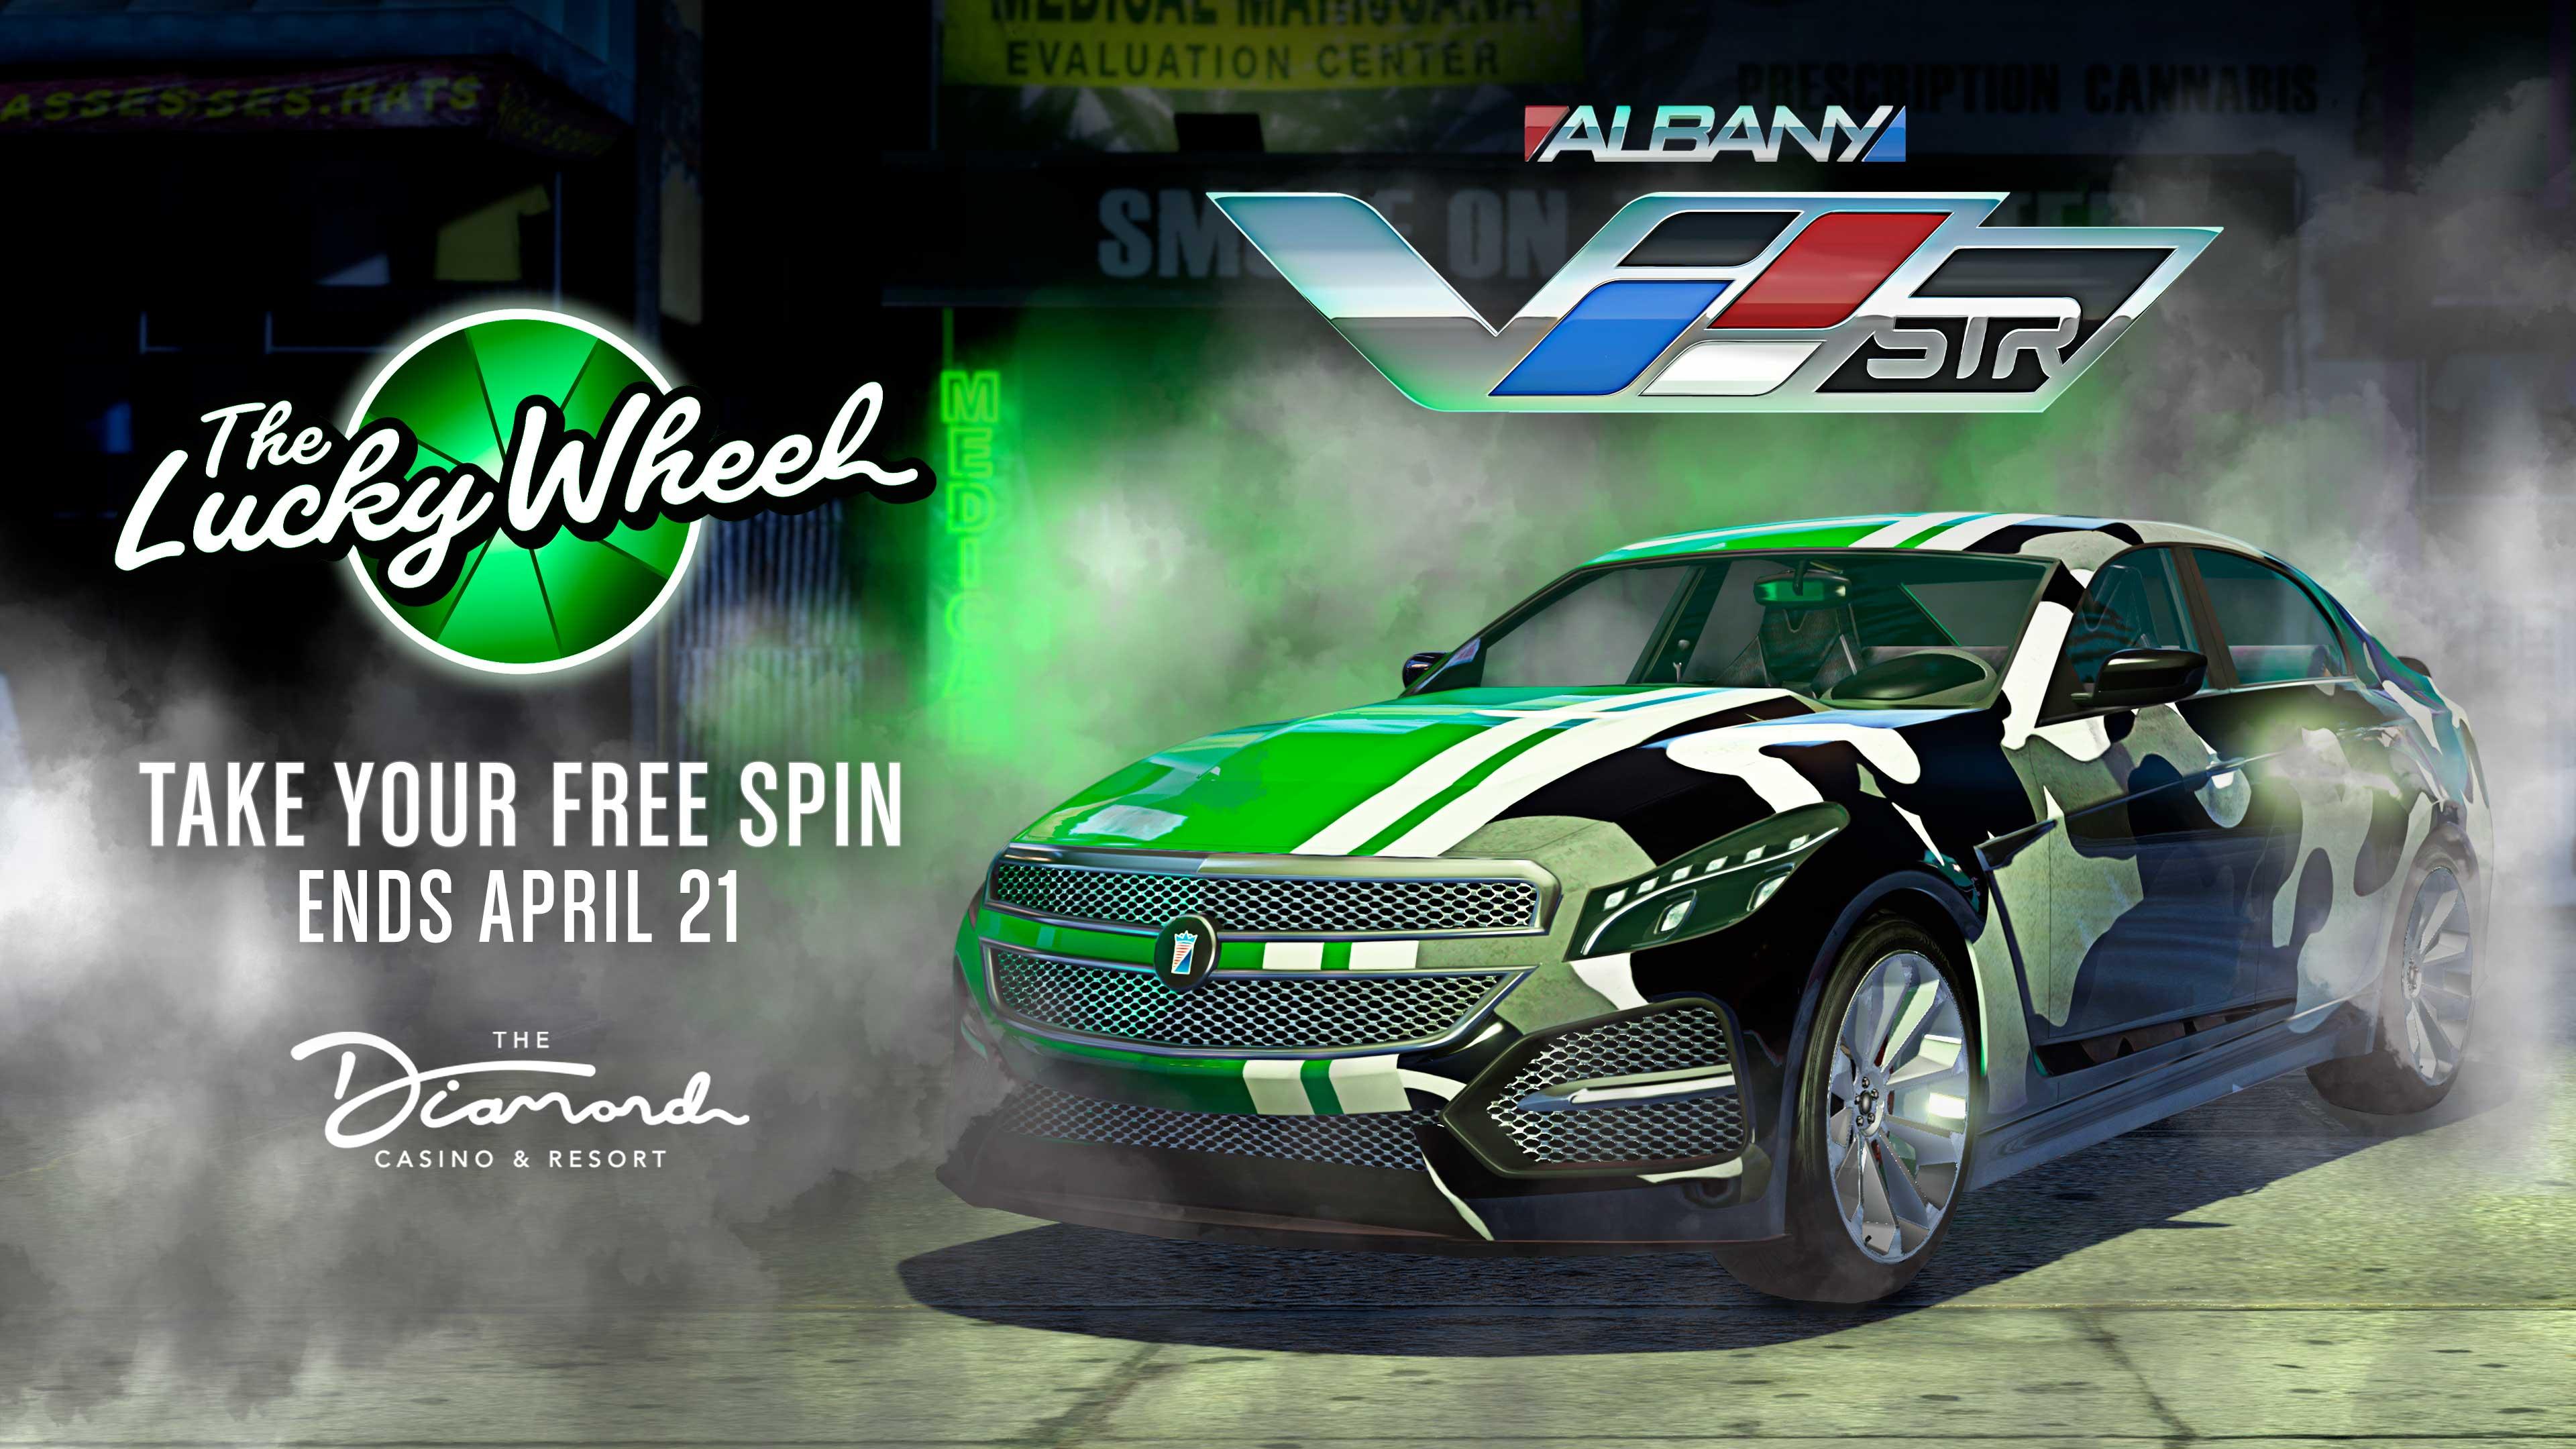 GTA Online Podium Lucky Wheel kocsi: Albany V-STR